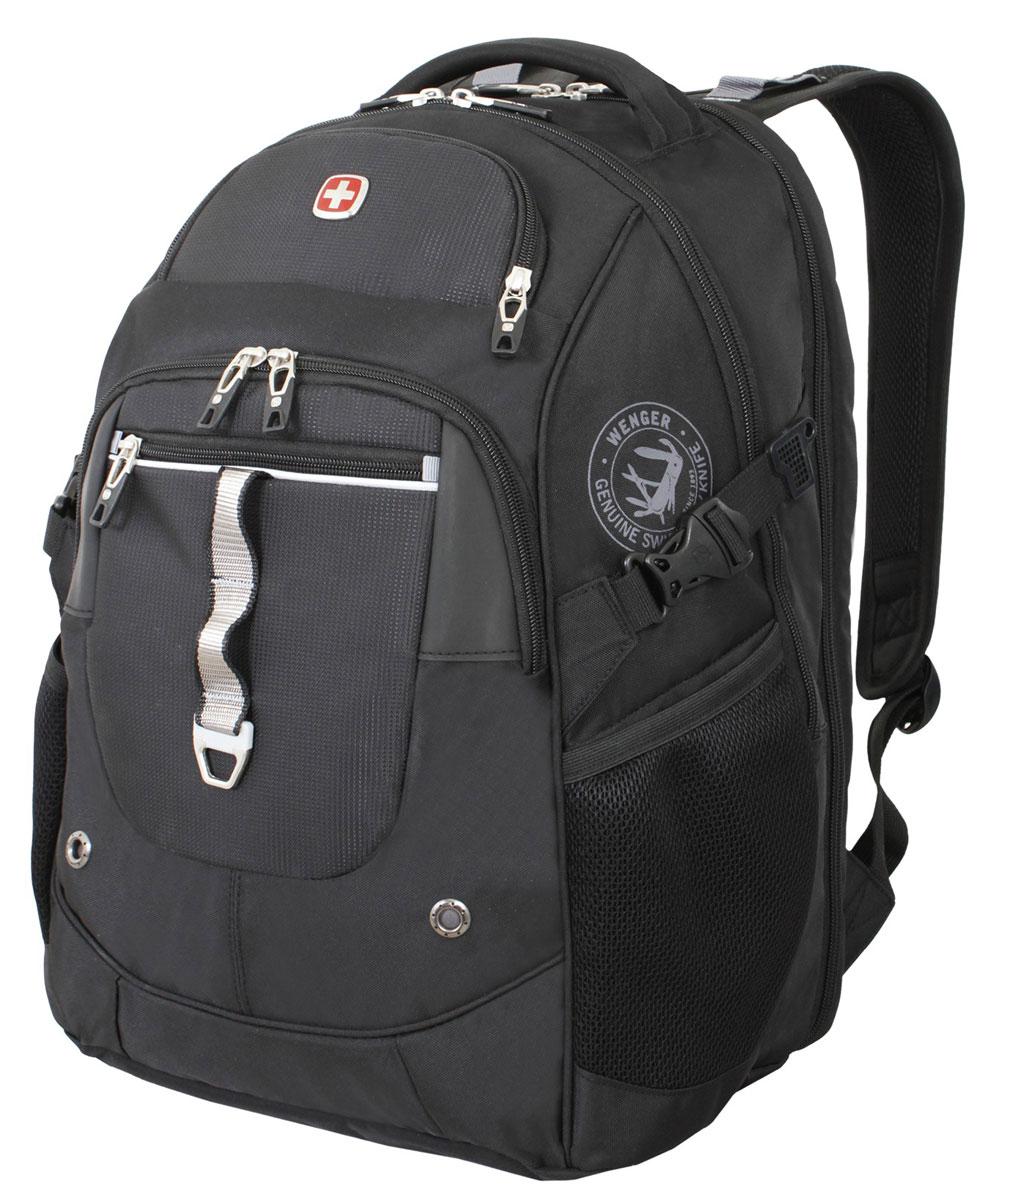 Рюкзак городской Wenger, цвет: черный, серебристый, 34 см x 22 см x 46 см, 34 лRU-433-2 Рюкзак /4 черный - св.серыйВысококачественный и стильный, надежный и удобный, а главное прочный рюкзак Wenger. Благодаря многофункциональности данный рюкзак позволяет удобно и легко укладывать свои вещи.Особенности рюкзака:2 внешних кармана на молнии. 2 внешних сетчатых кармана для бутылок с водой. Большое основное отделение. Внешний карман для очечника на молнии. Внешнее металлическое кольцо. Внутренний карабин для ключей. Возможность крепления на чемодане. Карман-органайзер для мелких предметов. Карман для планшетного компьютера с диагональю до 38 см. Металлические застежки молний с пластиковыми вставками. Мягкая ручка для переноски. Отделение на липучке для ноутбука 15 с системой ScanSmart. Петля для очков. Регулируемые плечевые ремни Внутренний сетчатый карман на молнии для хранения аксессуаров ноутбука. Стягивающие ремни. Эргономичная спинка с системой циркуляции воздуха Airflow.